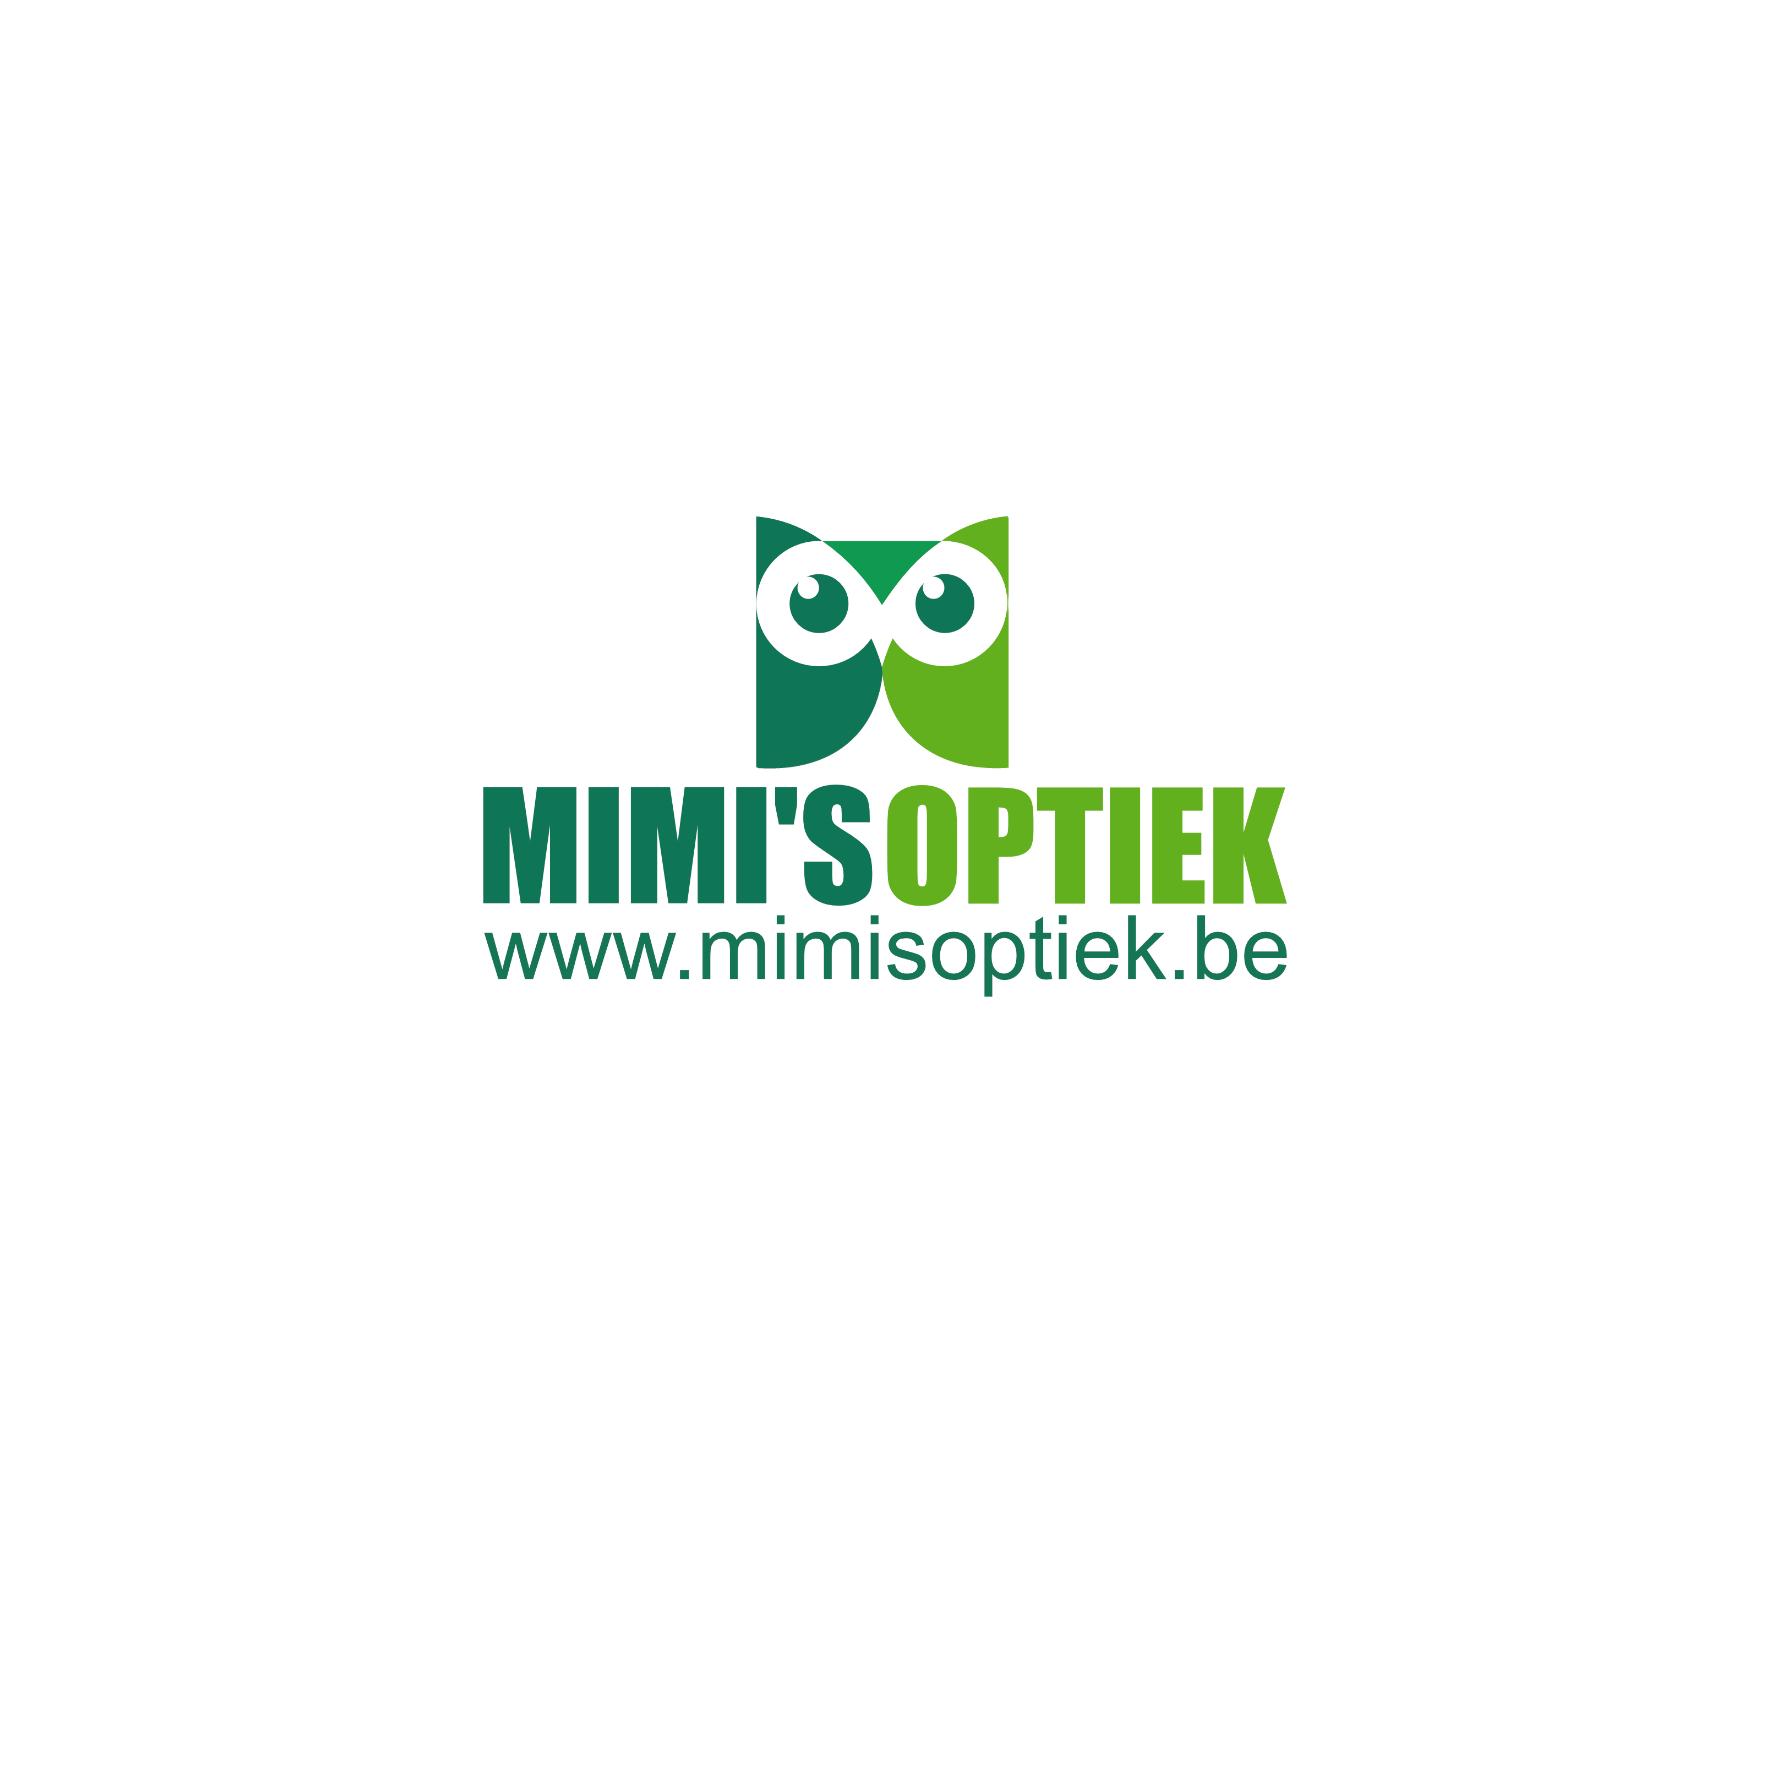 LOGO MIMISOPTIEK + WWW